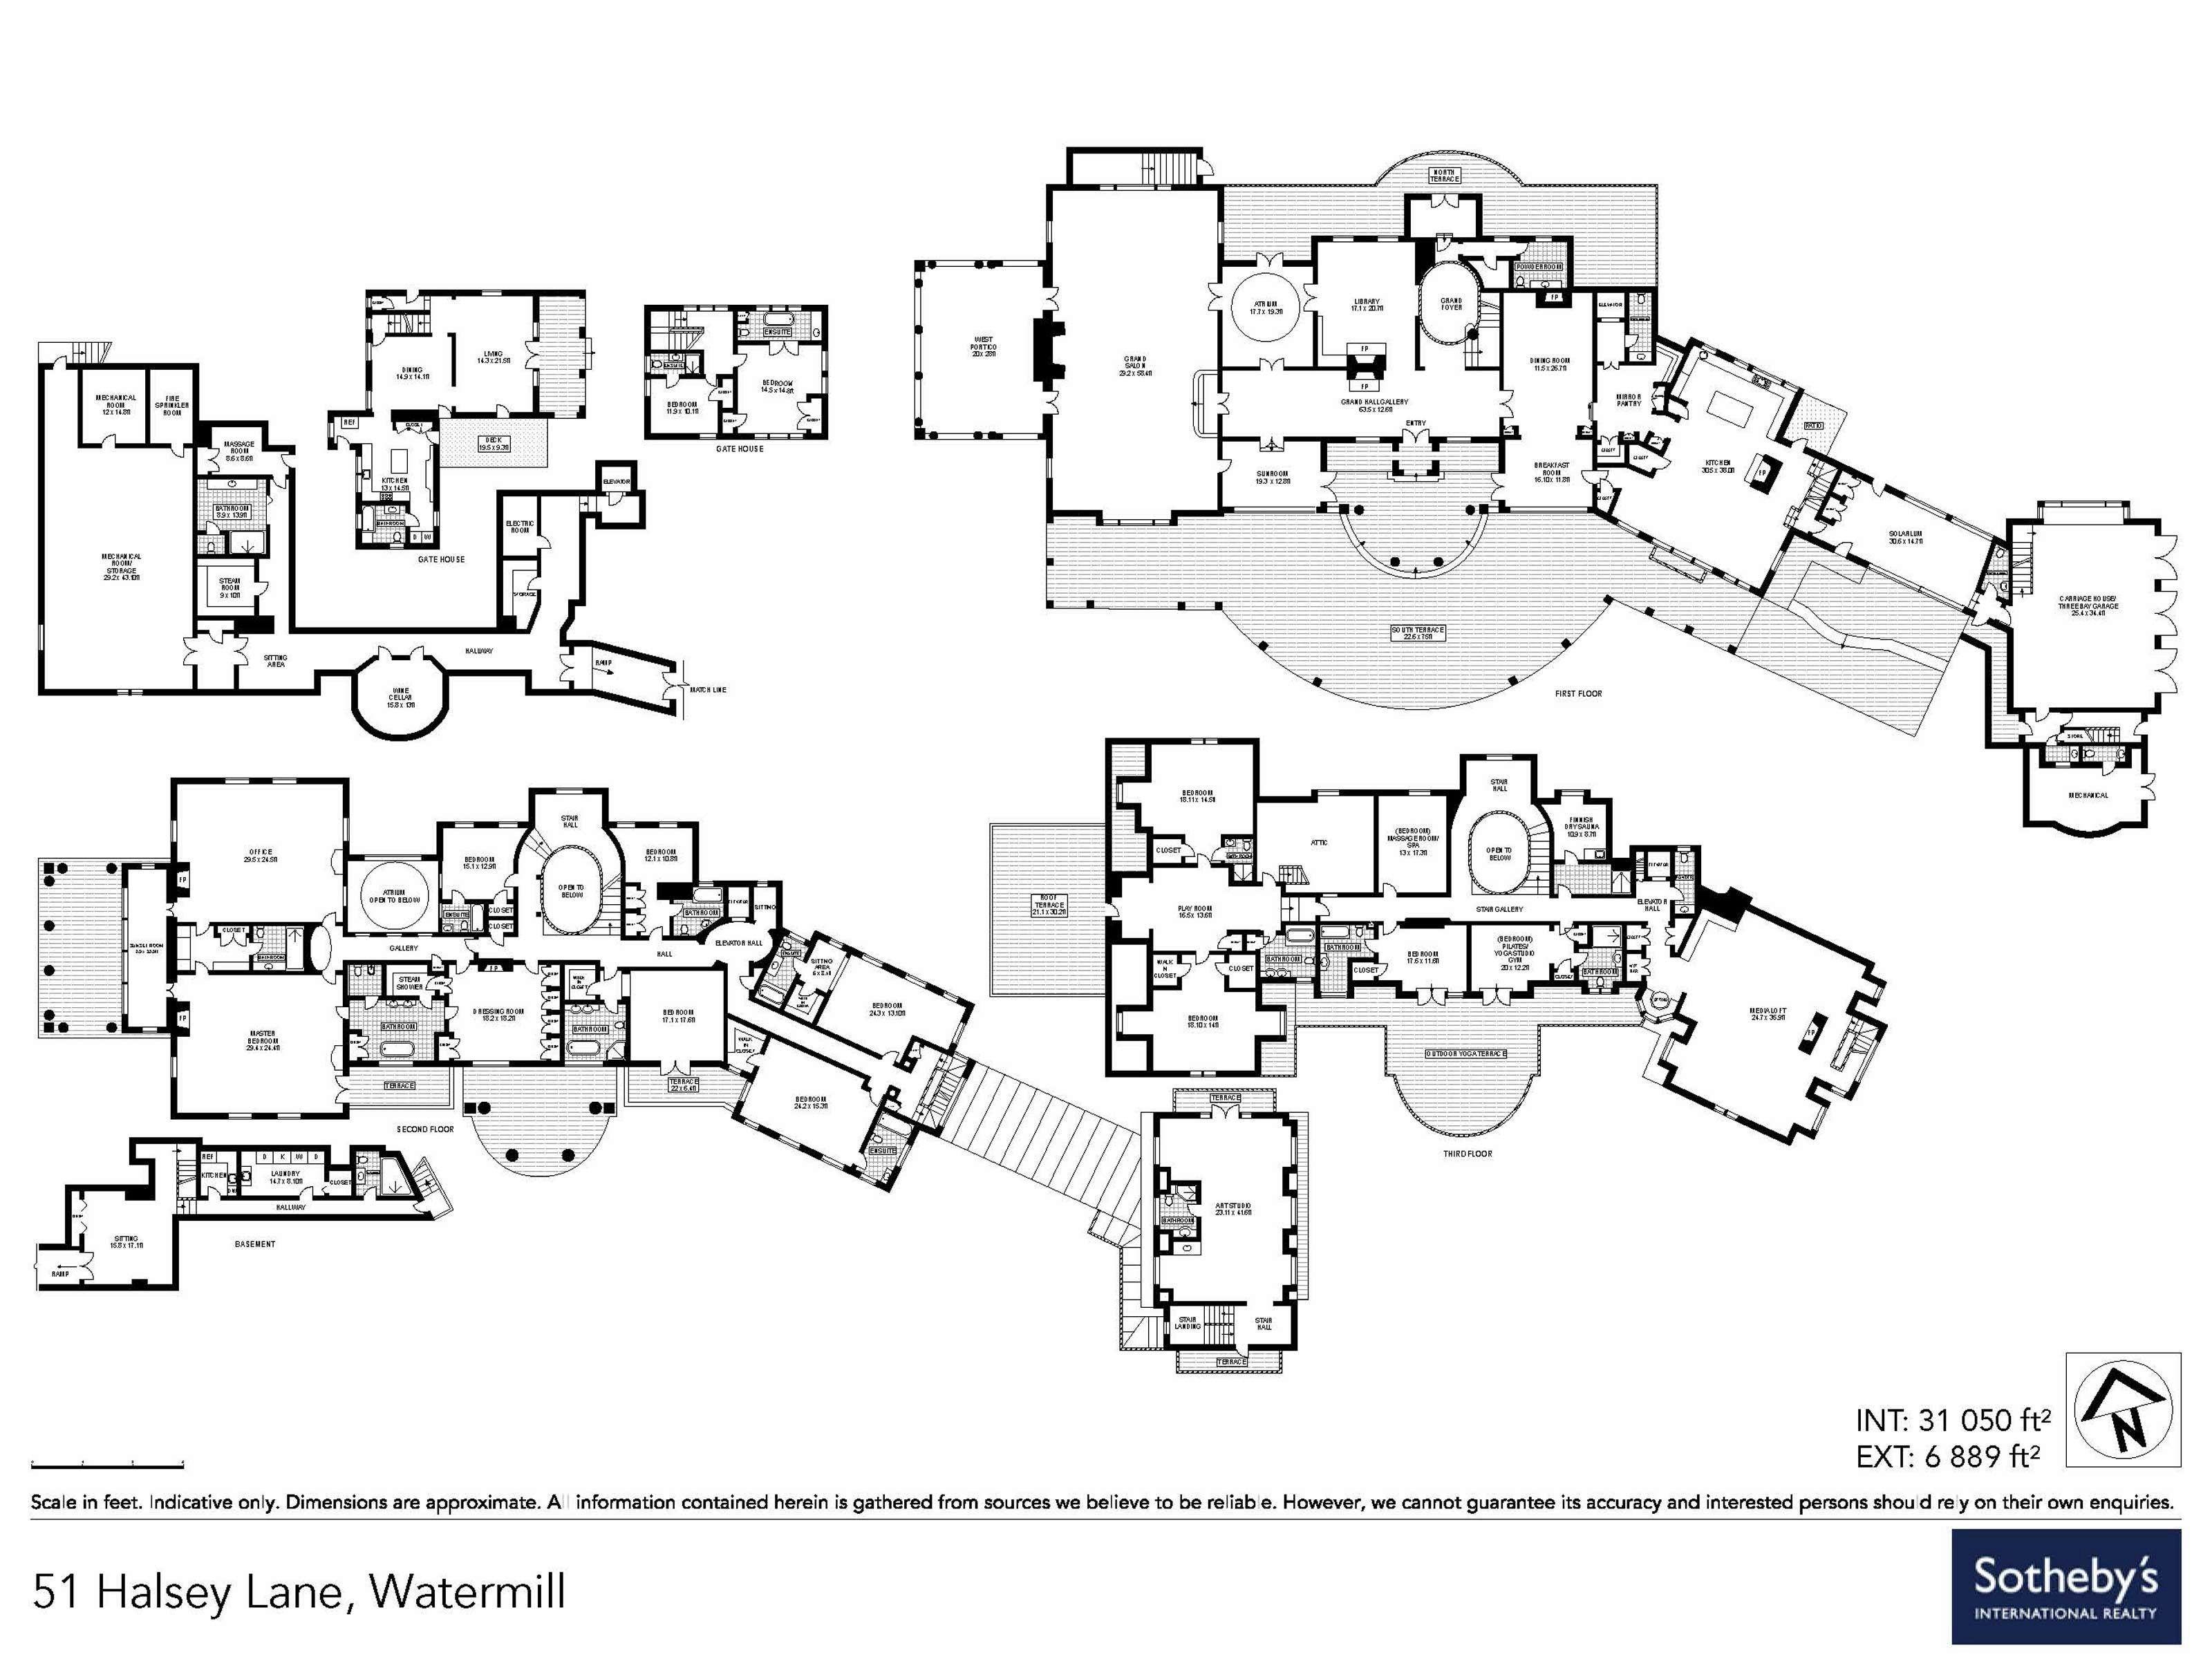 51 Halsey Lane Water Mill The Hamptons Pinterest Floor